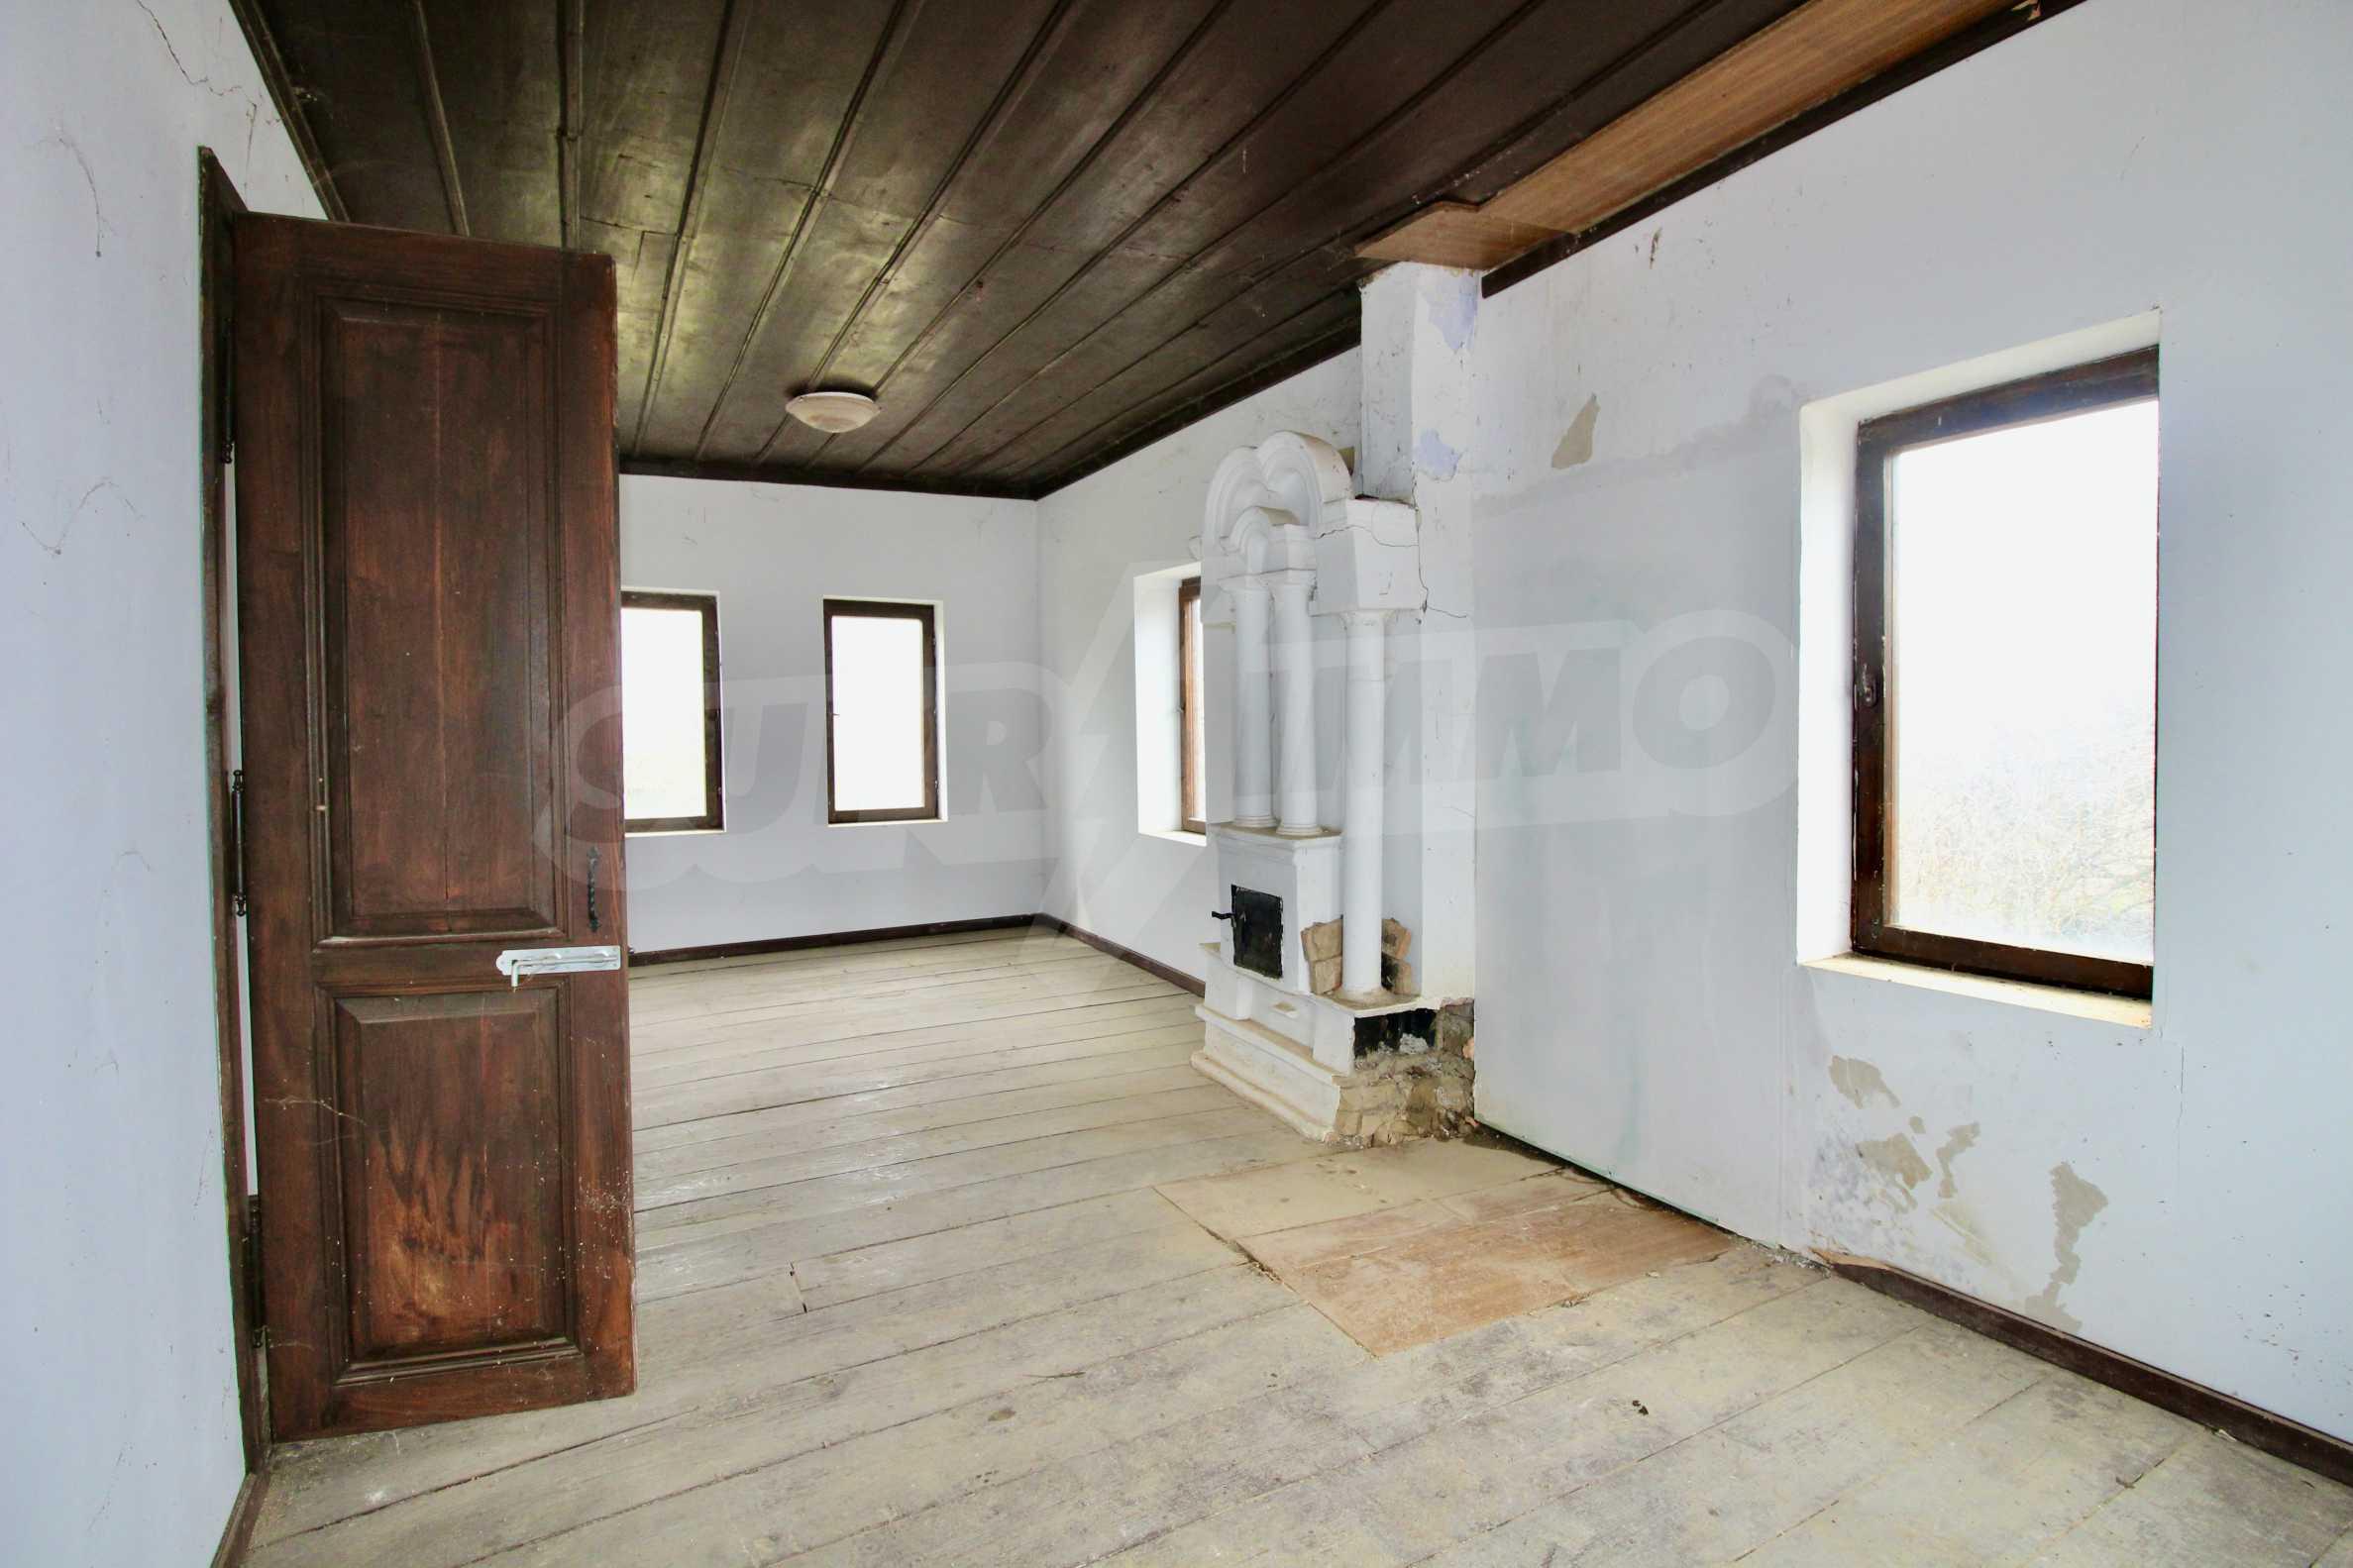 Двуетажна къща с голпм двор в село на 30 км от Велико Търново  3